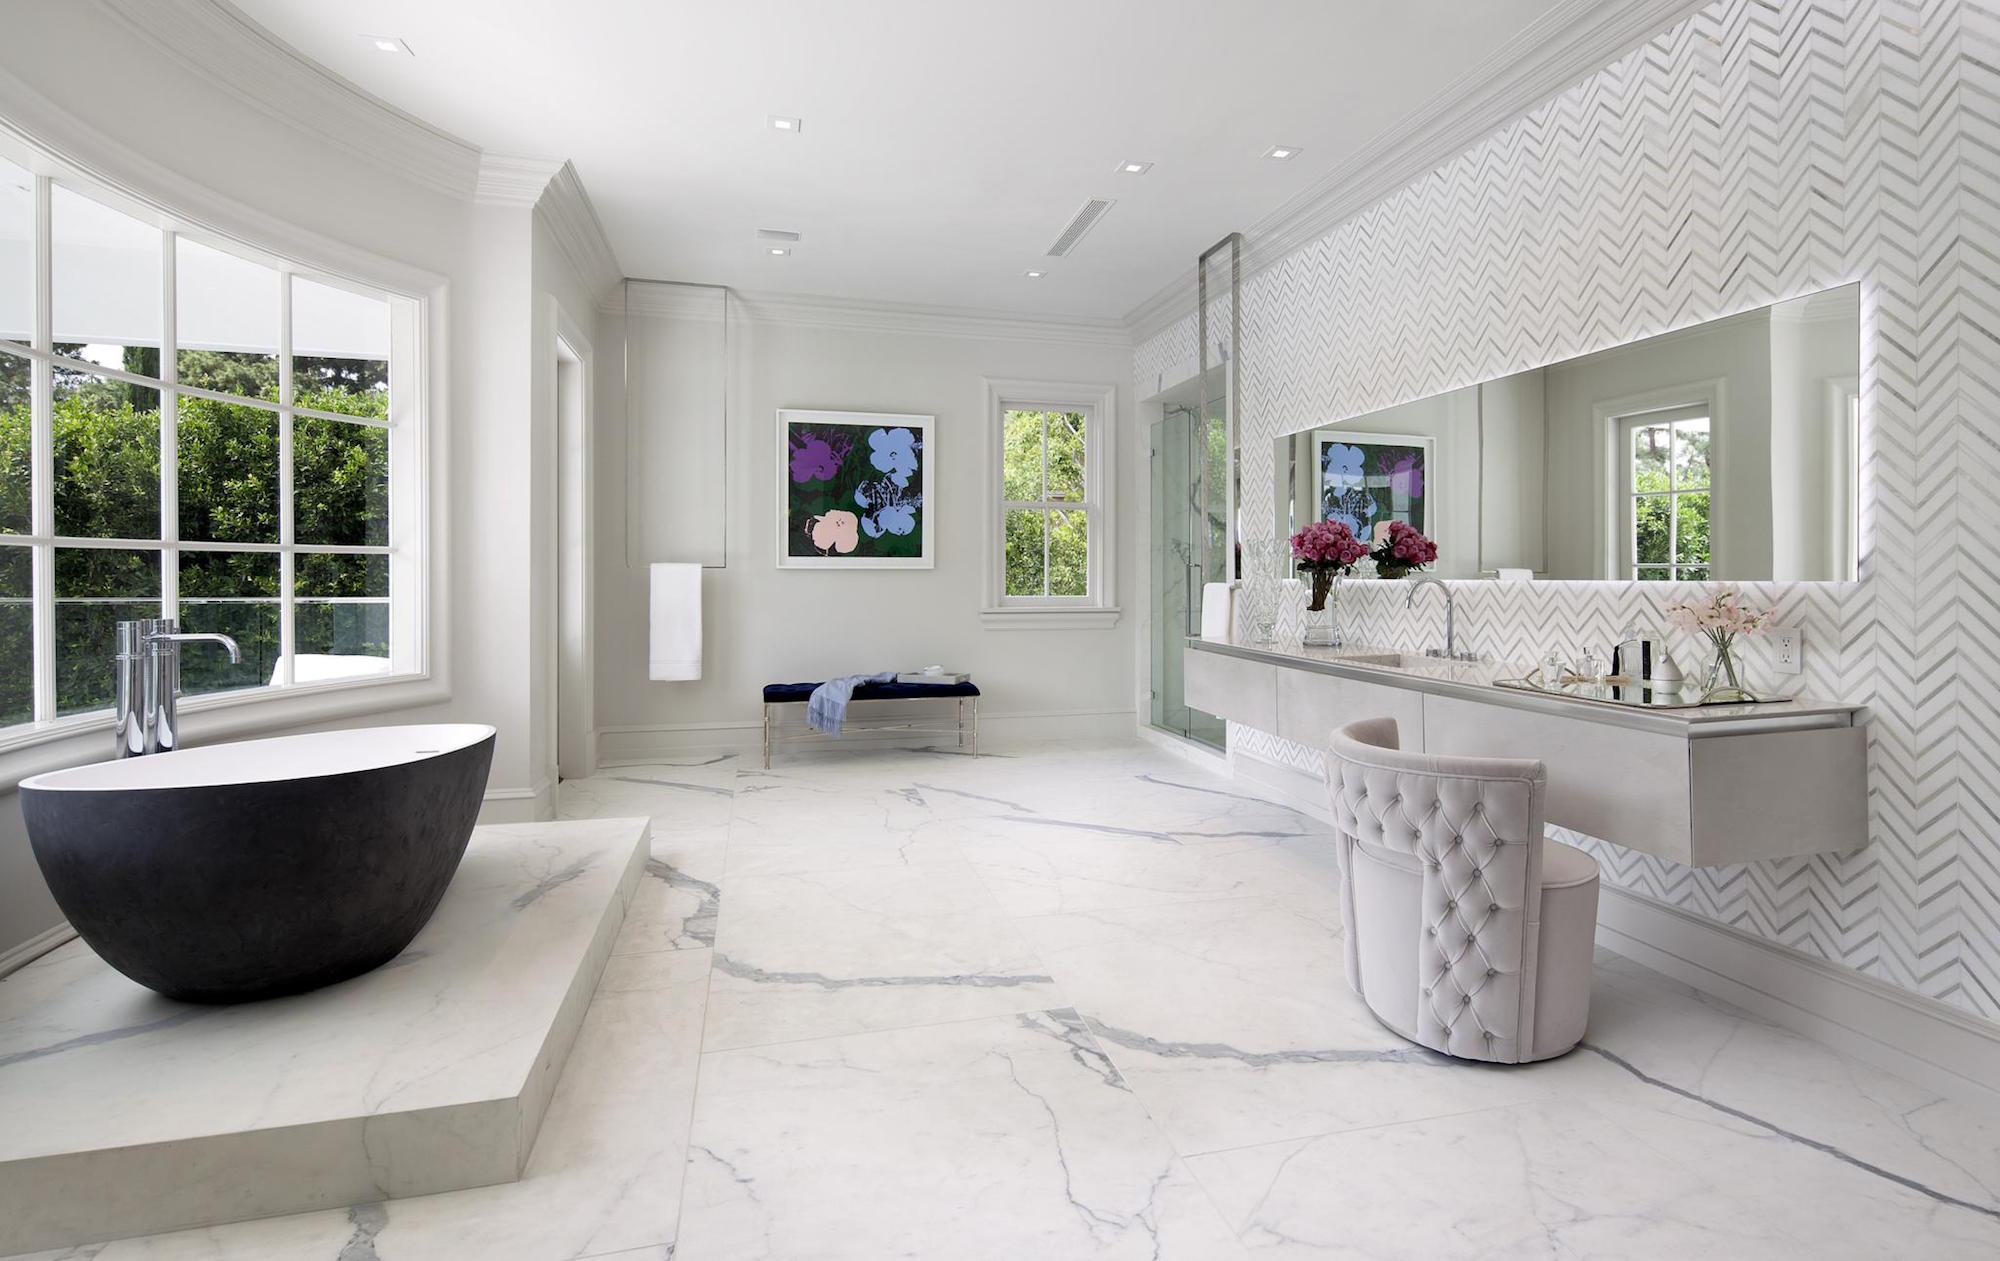 Das Beste für den Champ: Floyd Mayweather kauft Anwesen in Beverly Hills 8